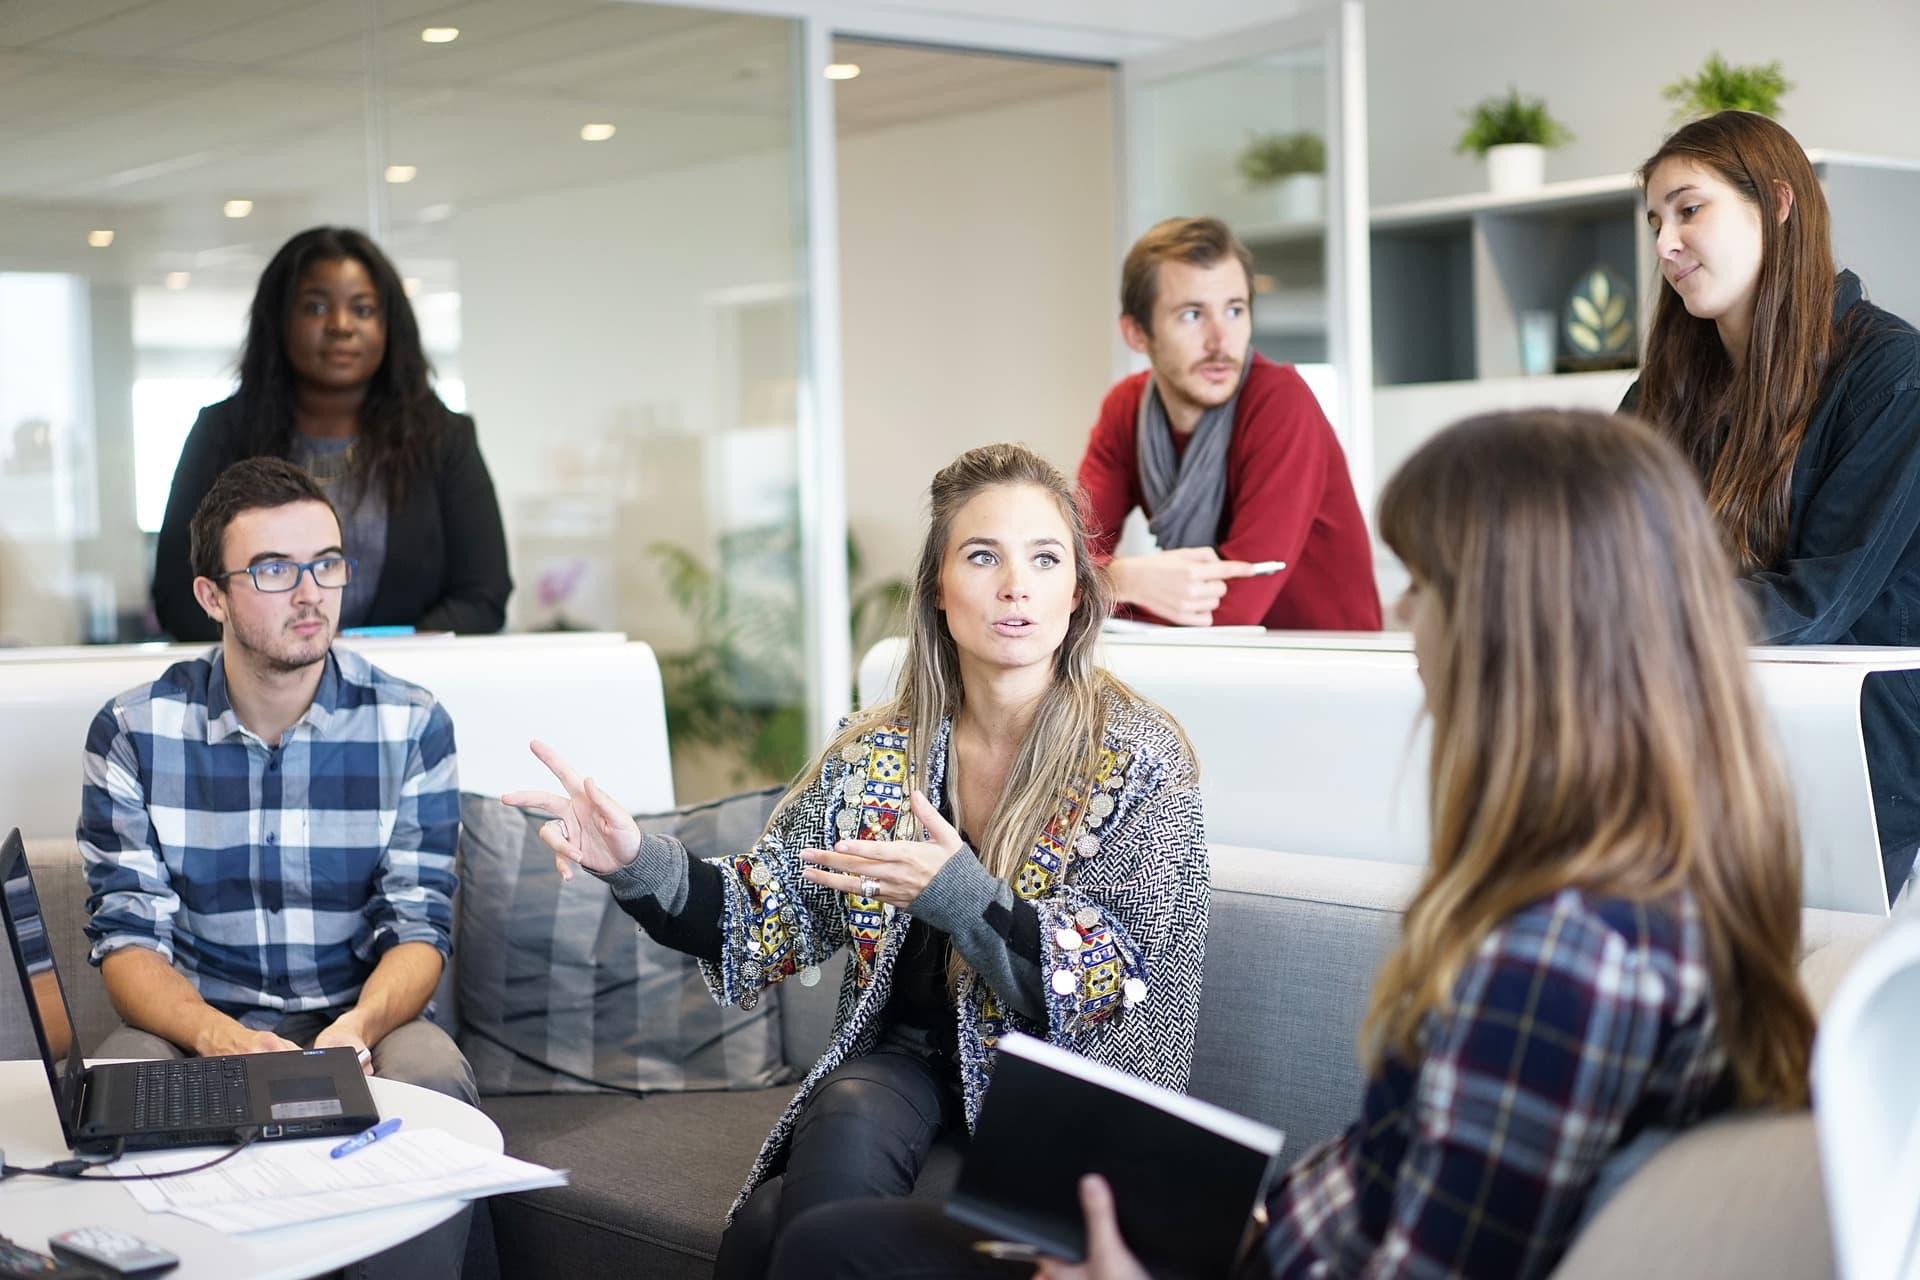 Zusammenarbeit in Unternehmen – wieso es (oft) nicht funktioniert